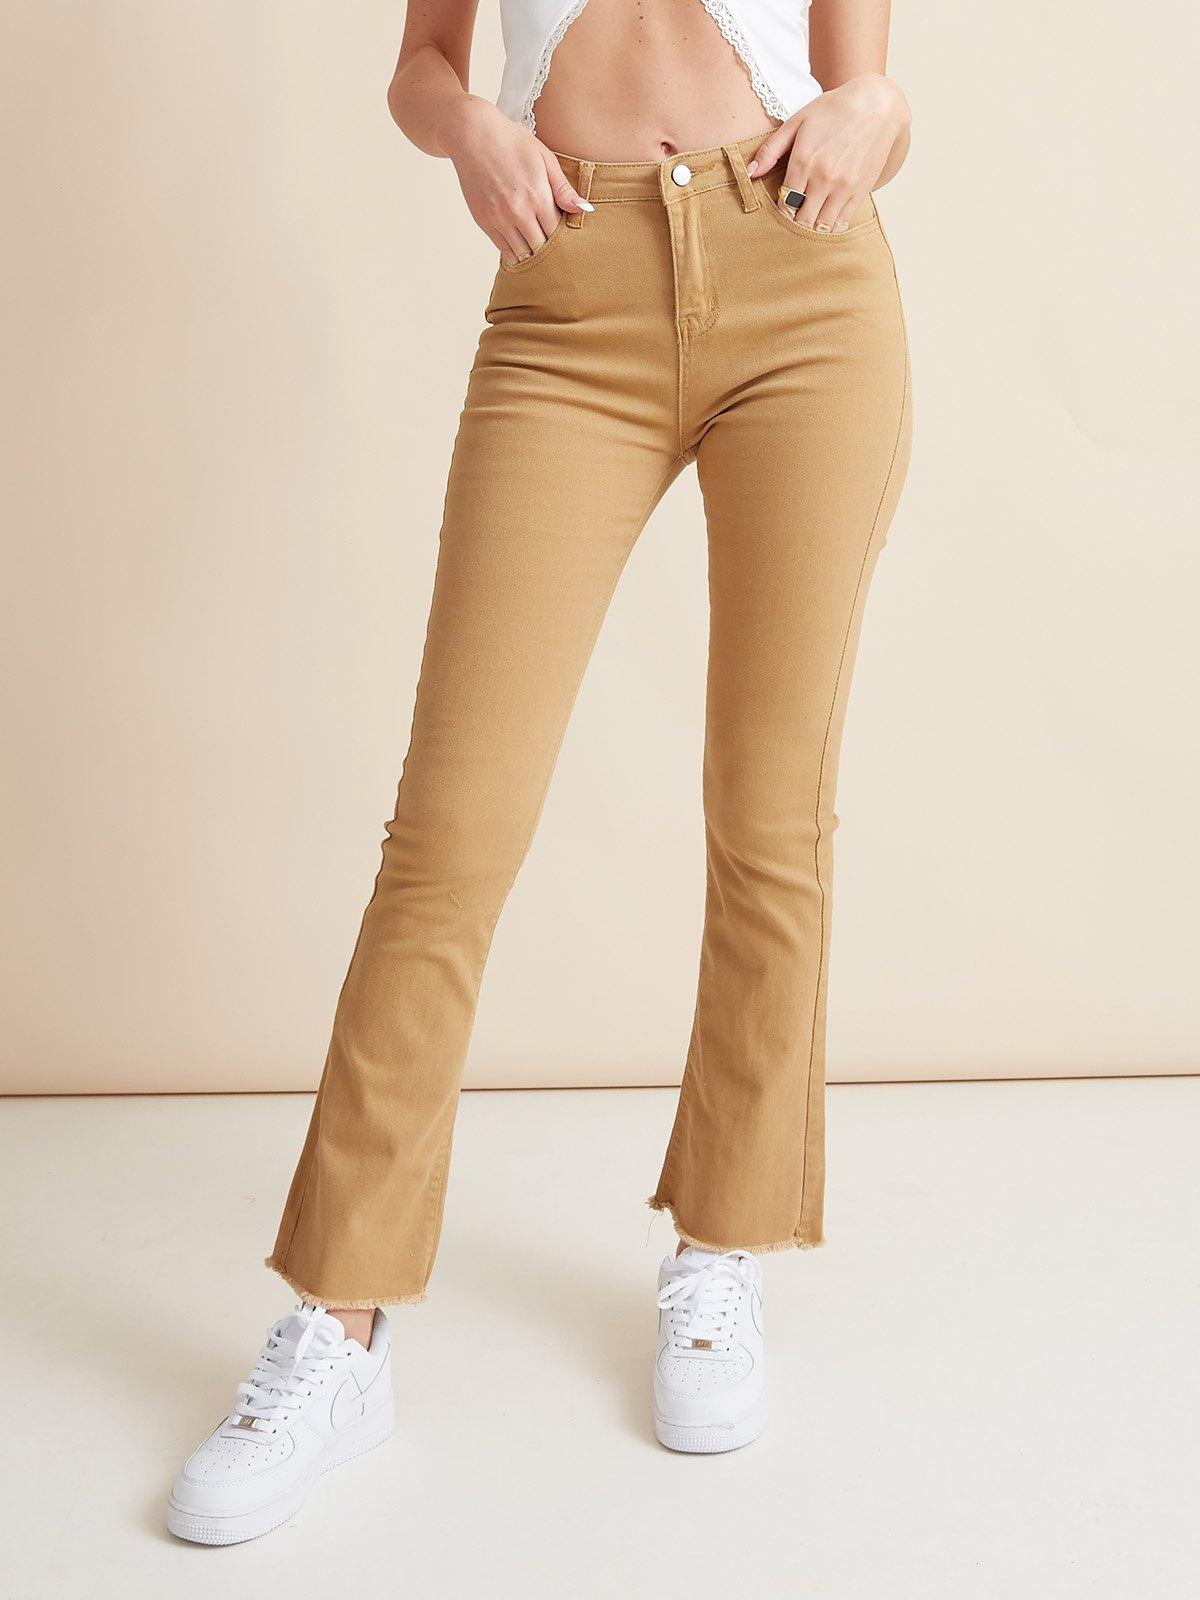 Vintage High Rise Flared Slim Jeans - Camel M